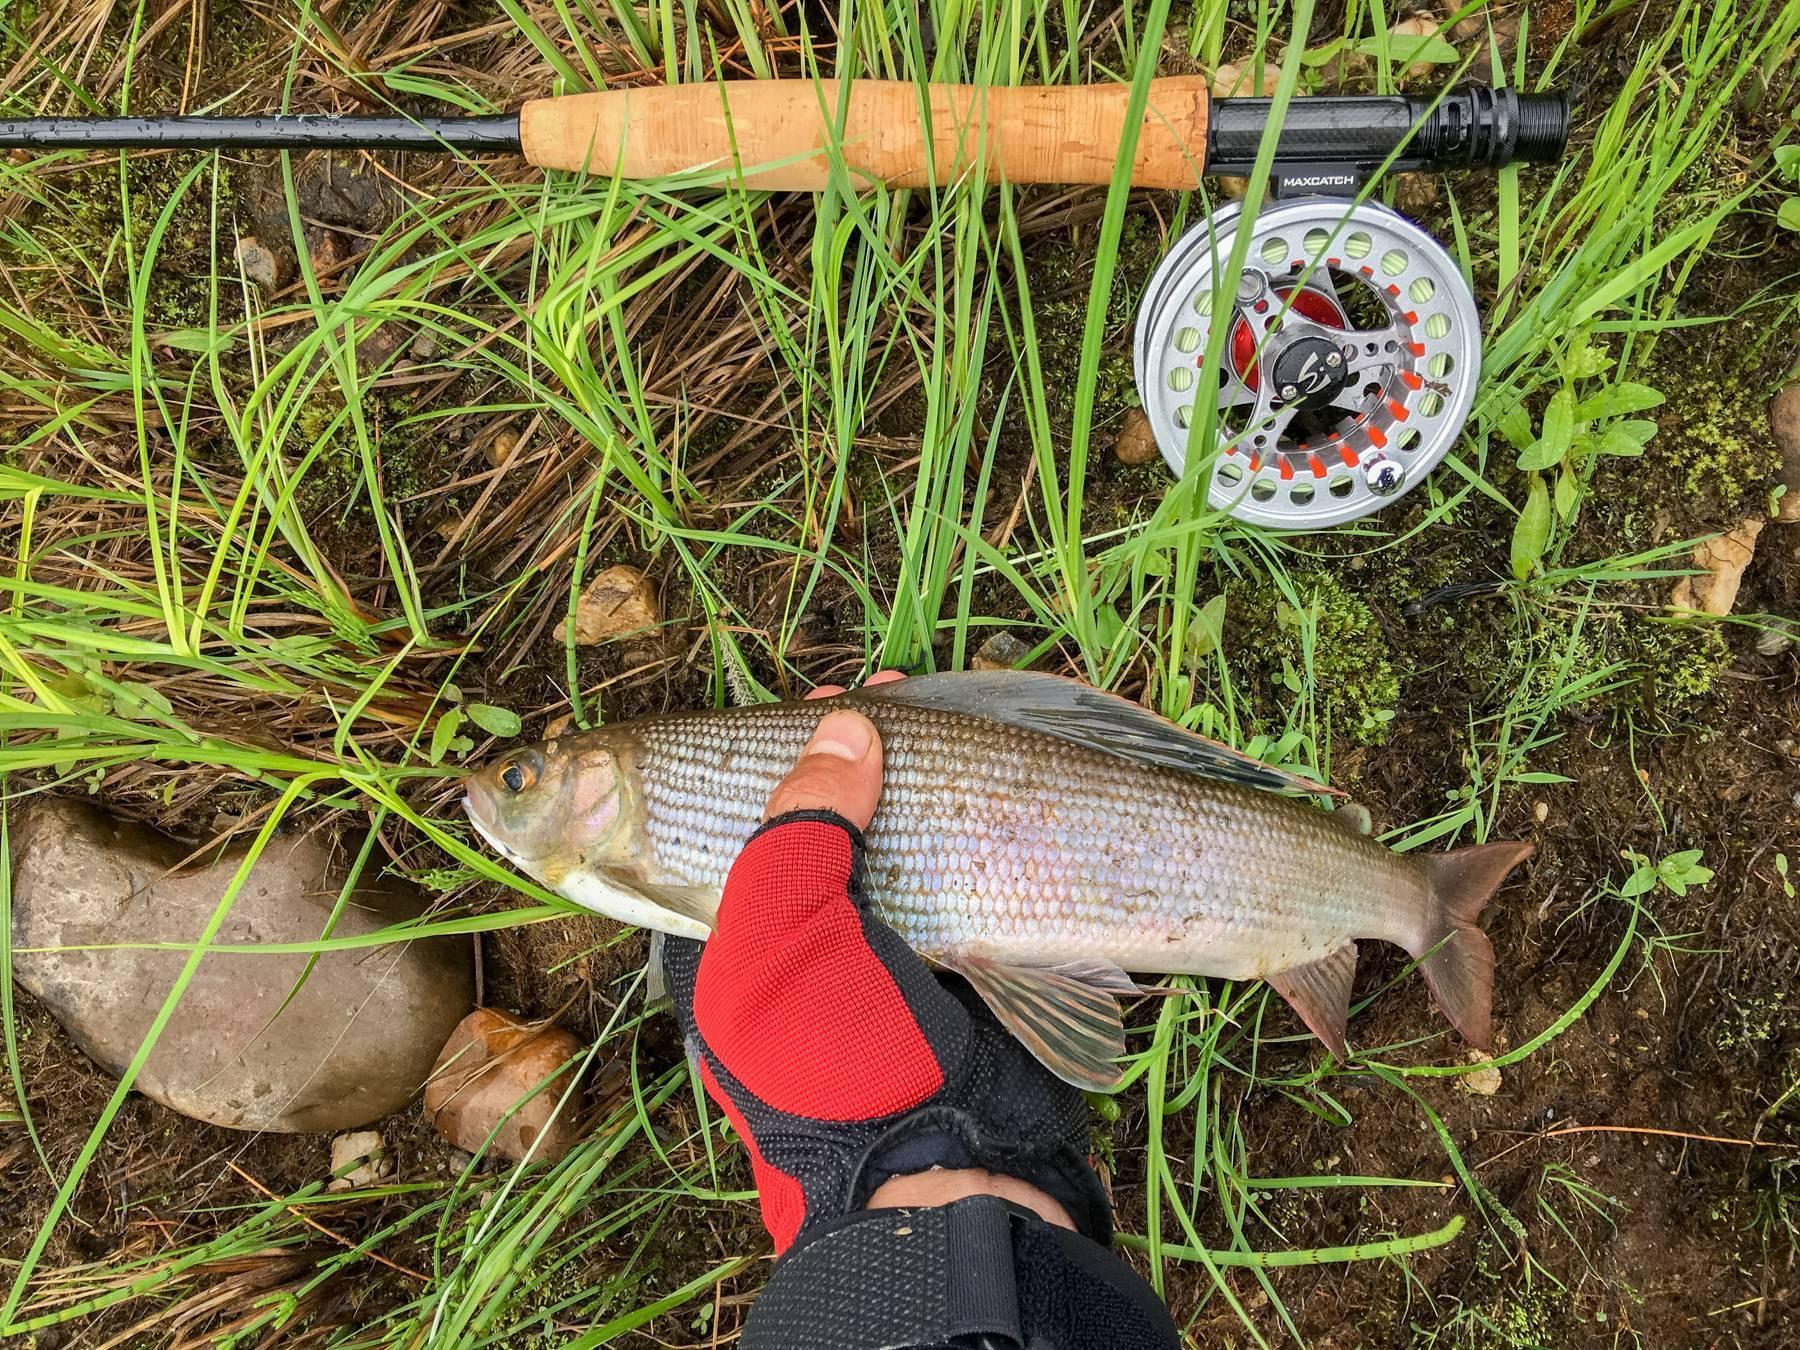 Кемеровская рыбалка: водоёмы кузбасса, платная и бесплатная рыбалка в области | berlogakarelia.ru